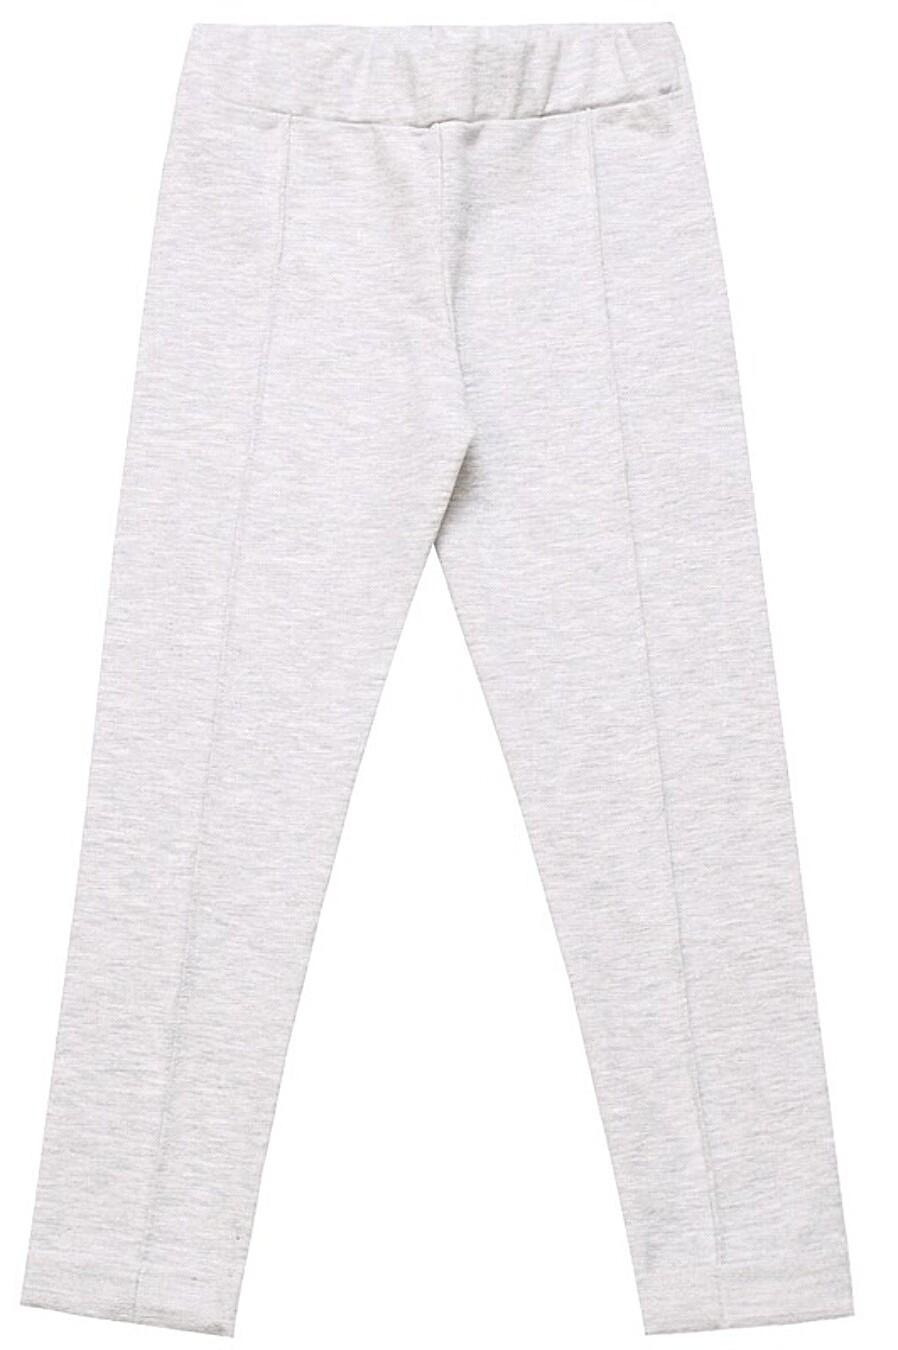 Брюки для девочек Archi 158013 купить оптом от производителя. Совместная покупка детской одежды в OptMoyo